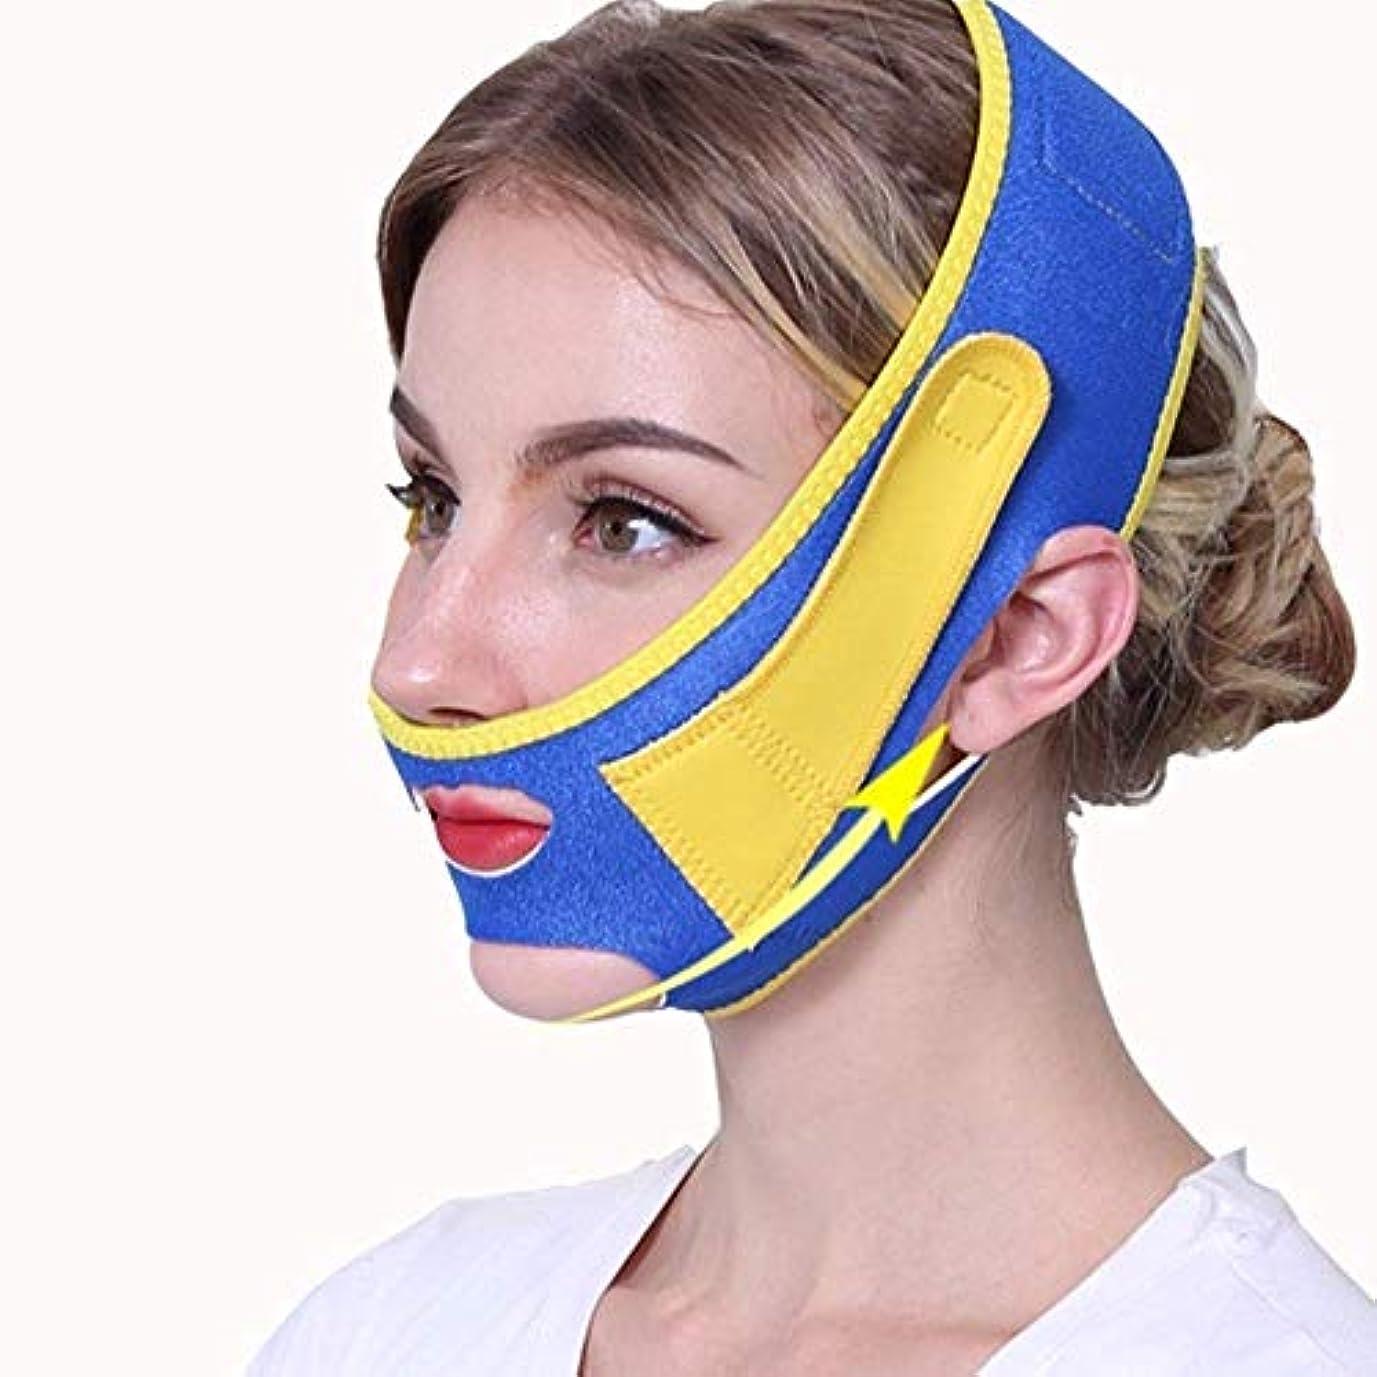 ゴシップ魅了する粘り強いWSJTT 女性のための顔のリフティングベルト、Vラインチンチークリフトアップバンドアンチリンクル包帯、スリミング包帯二重あごケア減量Vフェイスベルト補正ベルト調節可能ファーミングフェイシャル?スキンケア